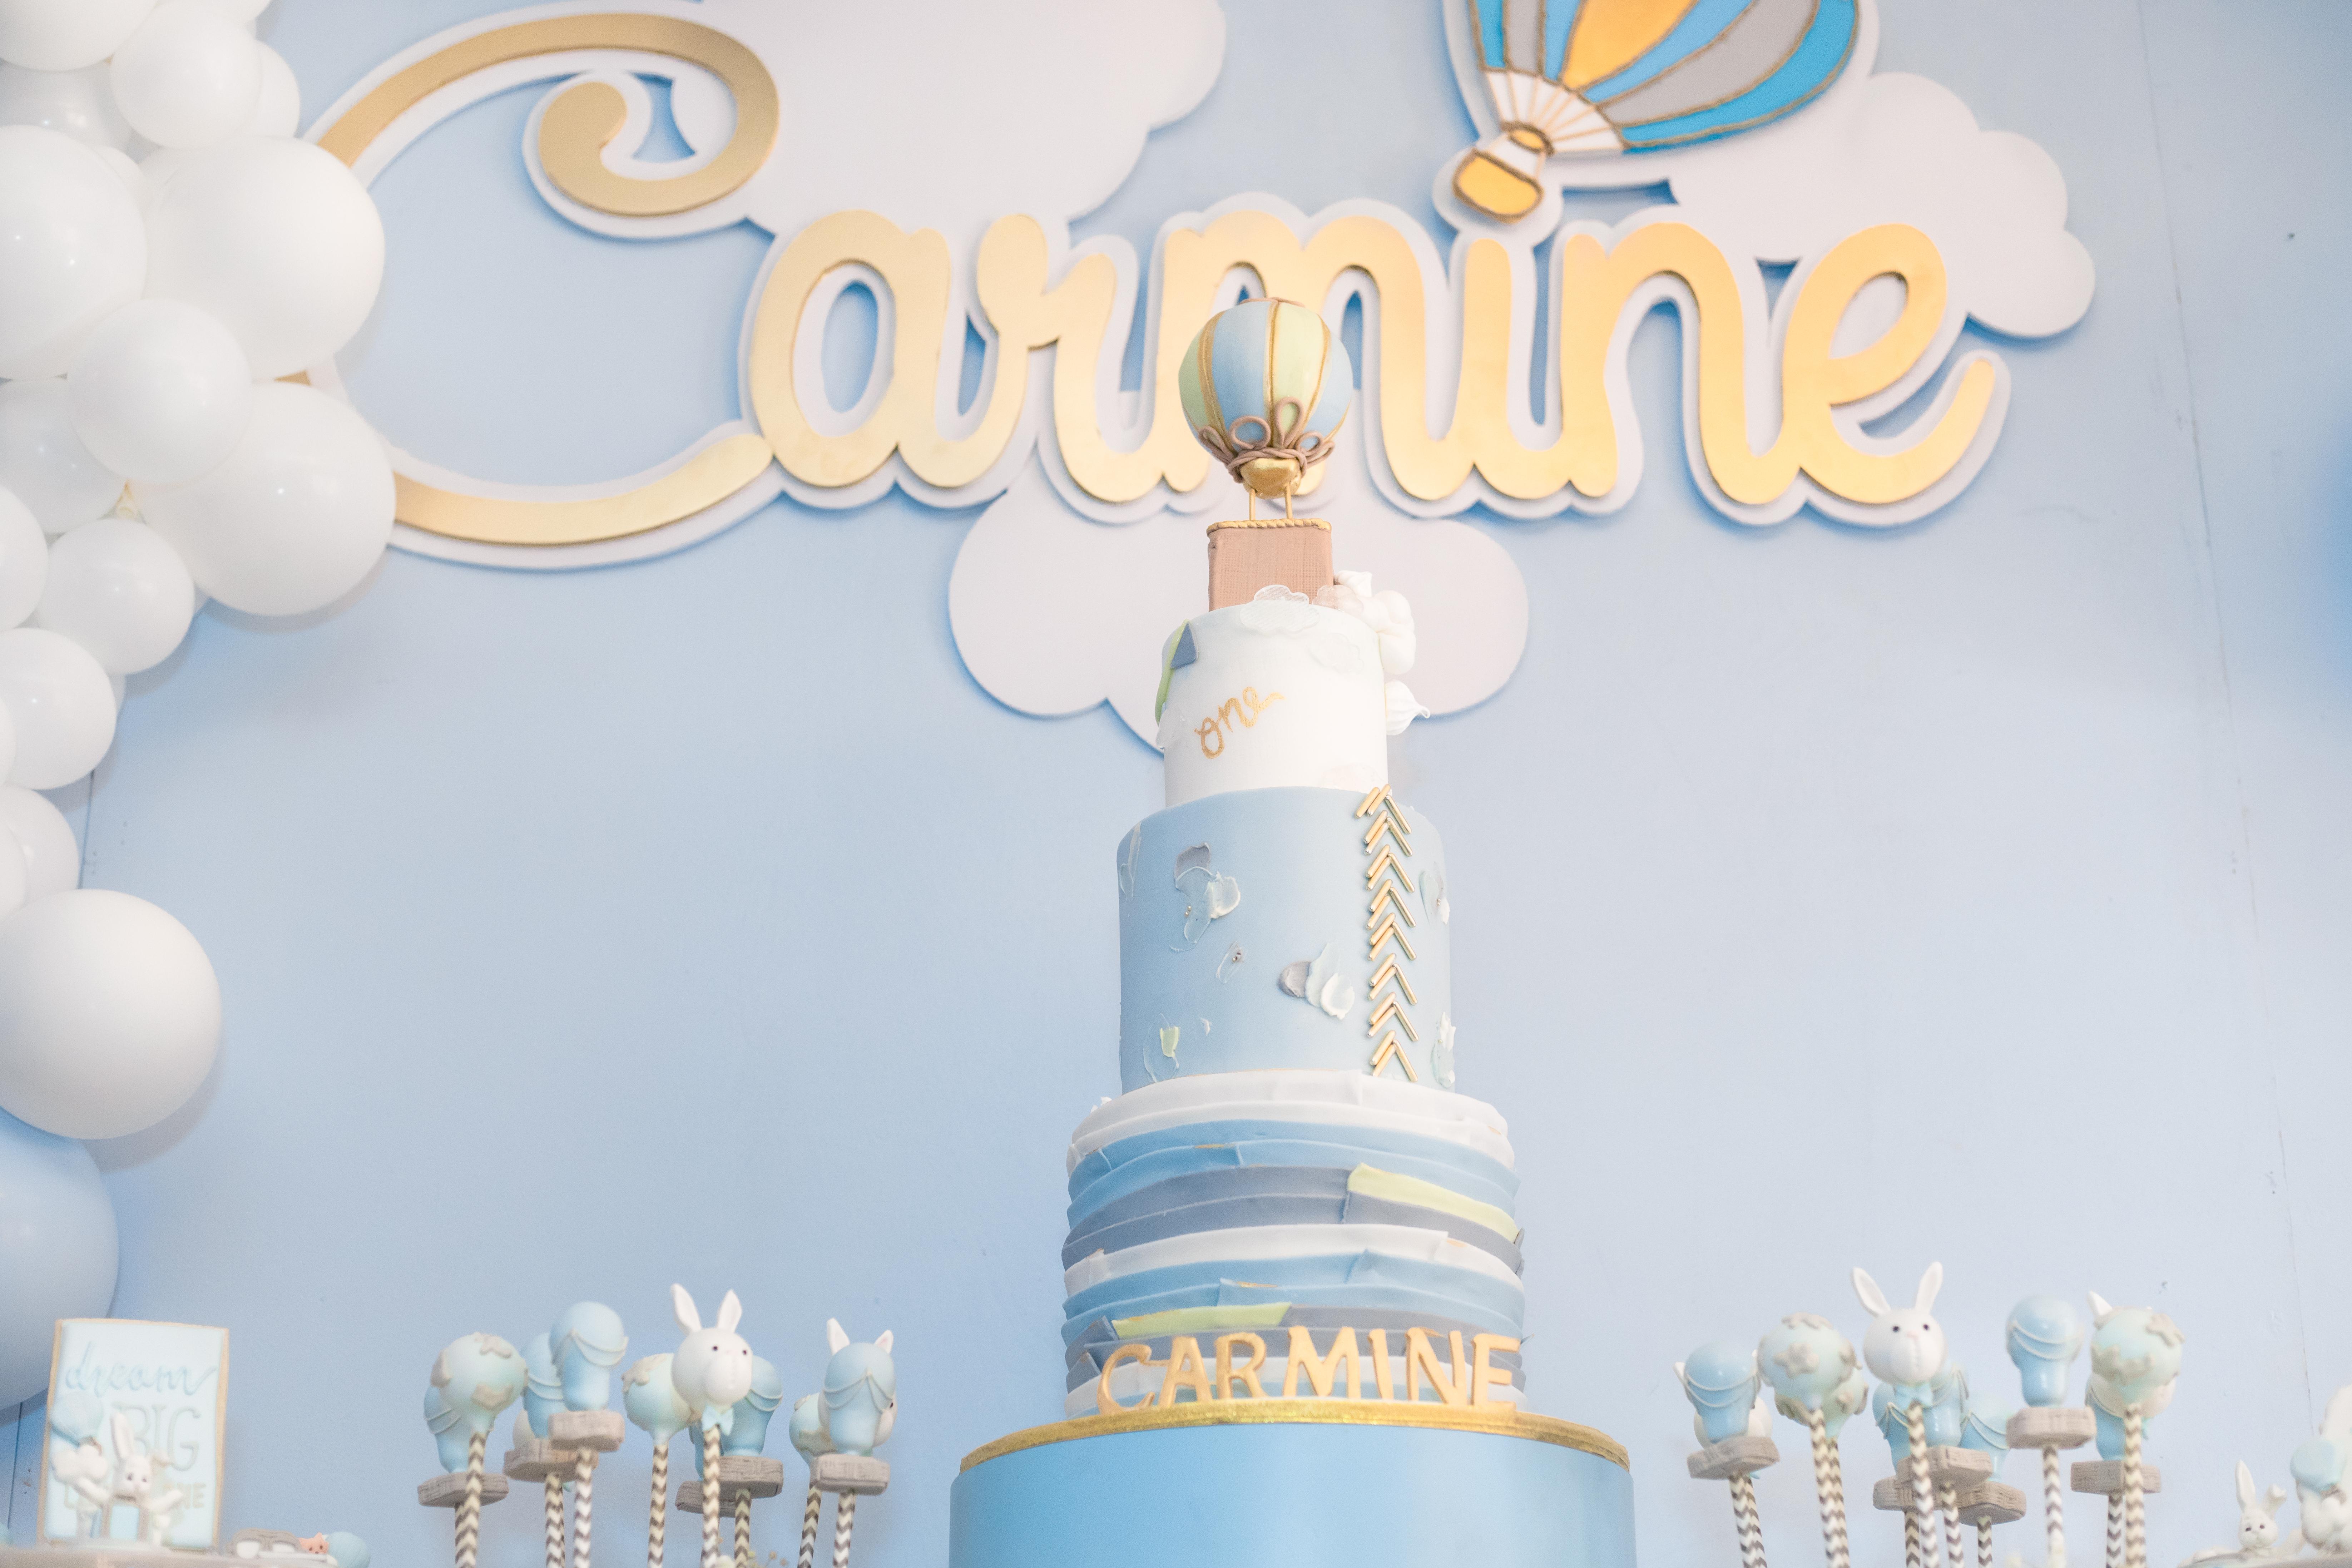 Carmine's Air Balloon 1st birthday - Creative Touch by Johanny